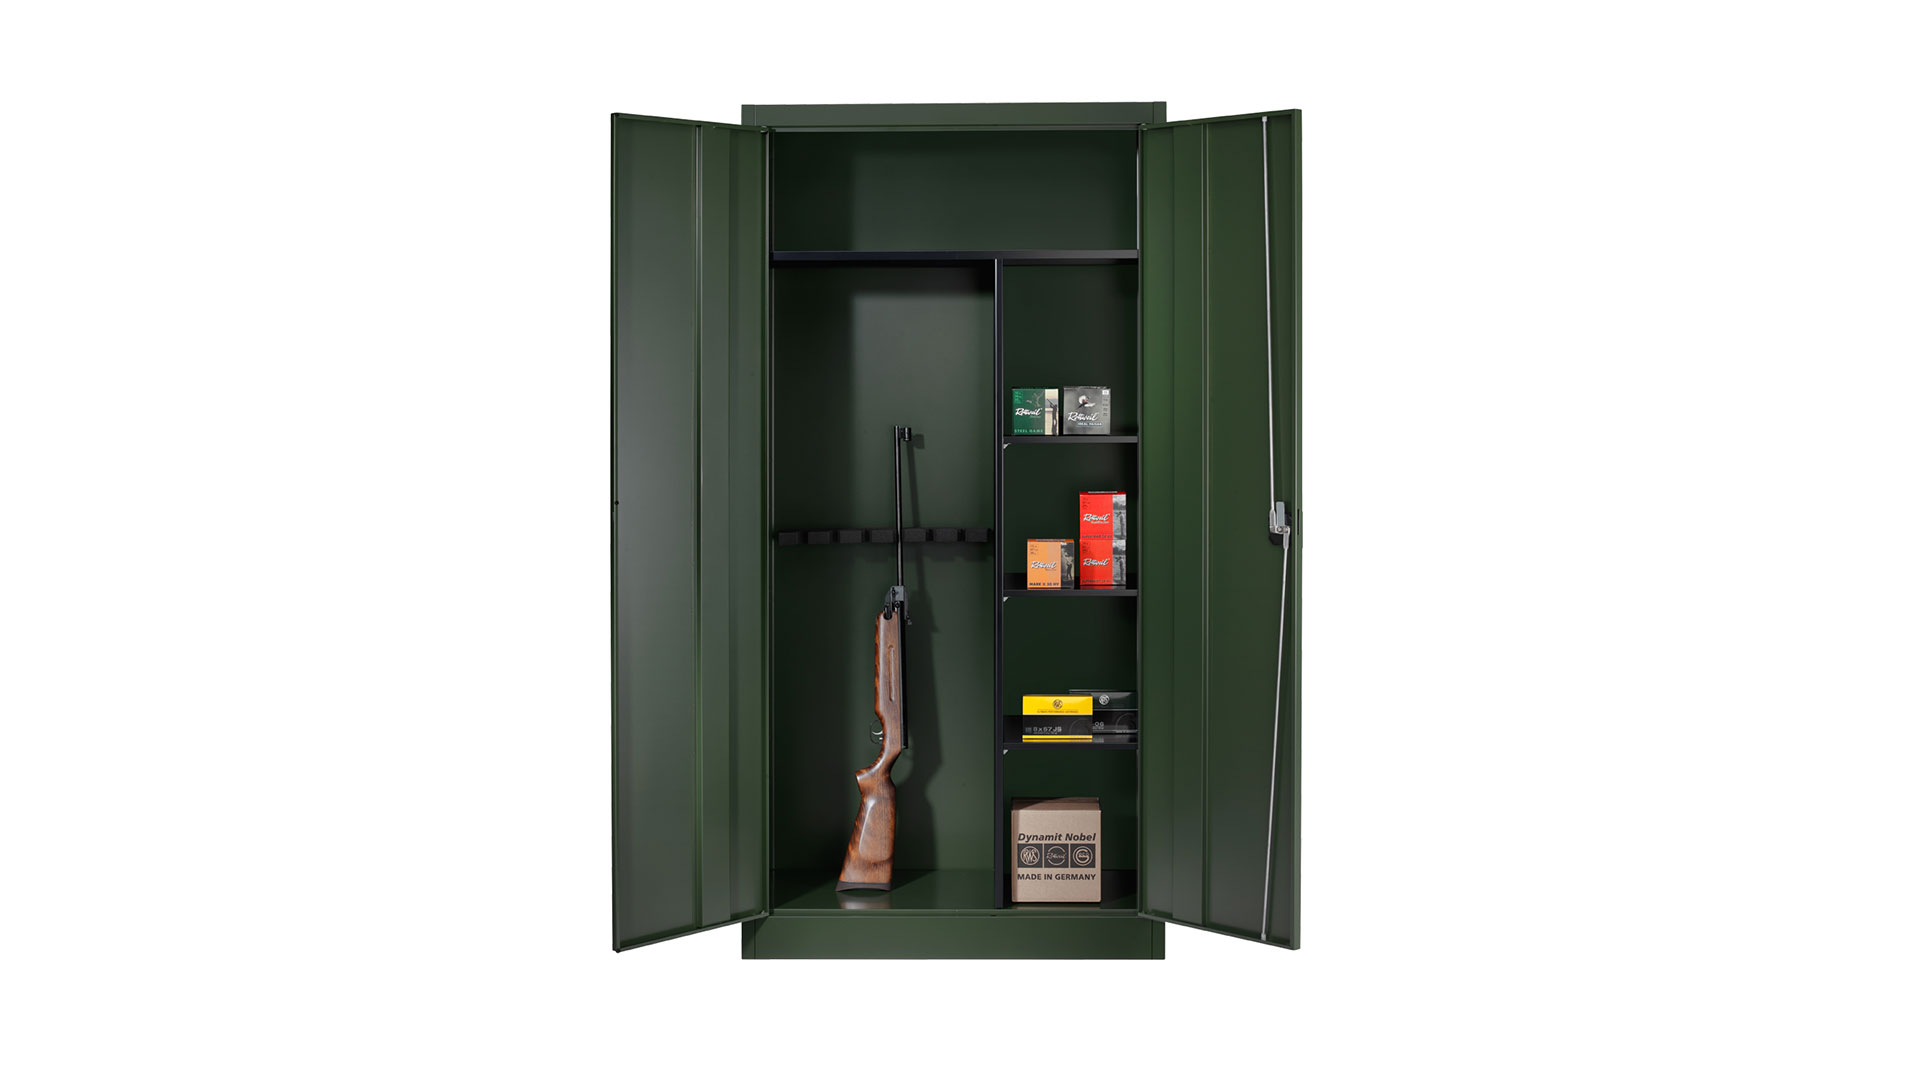 Luftdruckwaffen-/Munitionsschrank